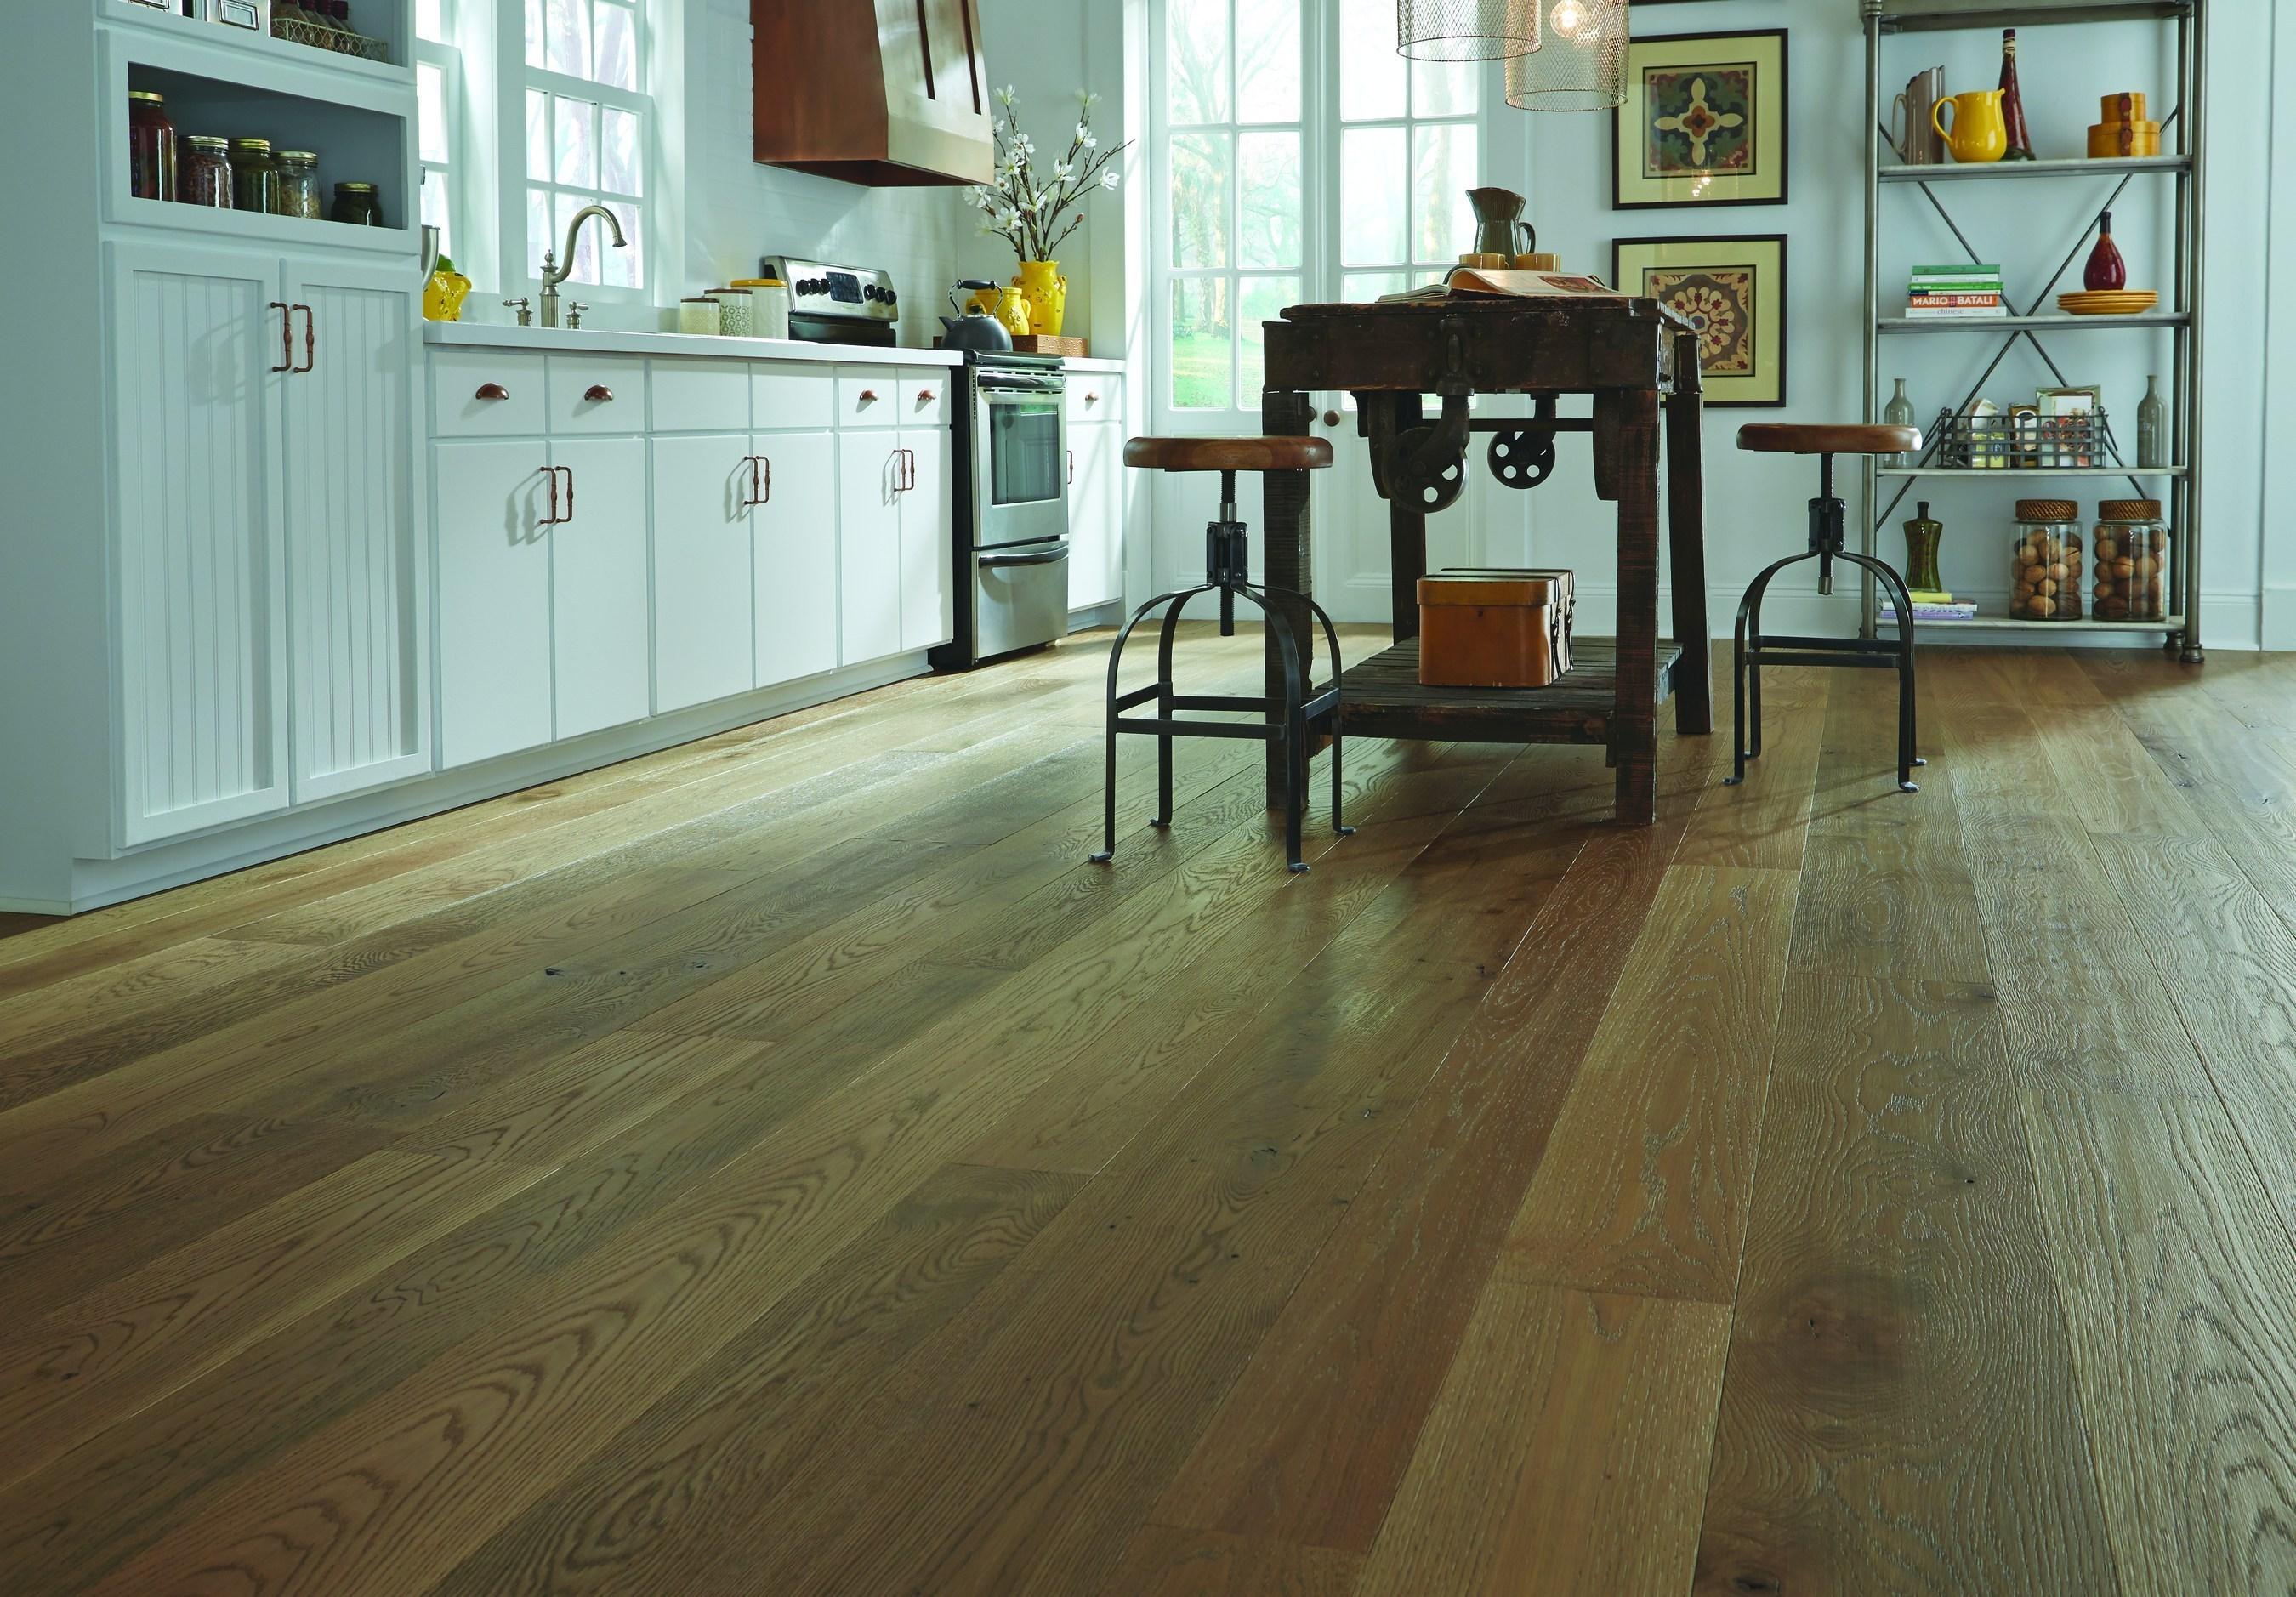 Carlisle Wide Plank Floors Introduces 12 New Luxury